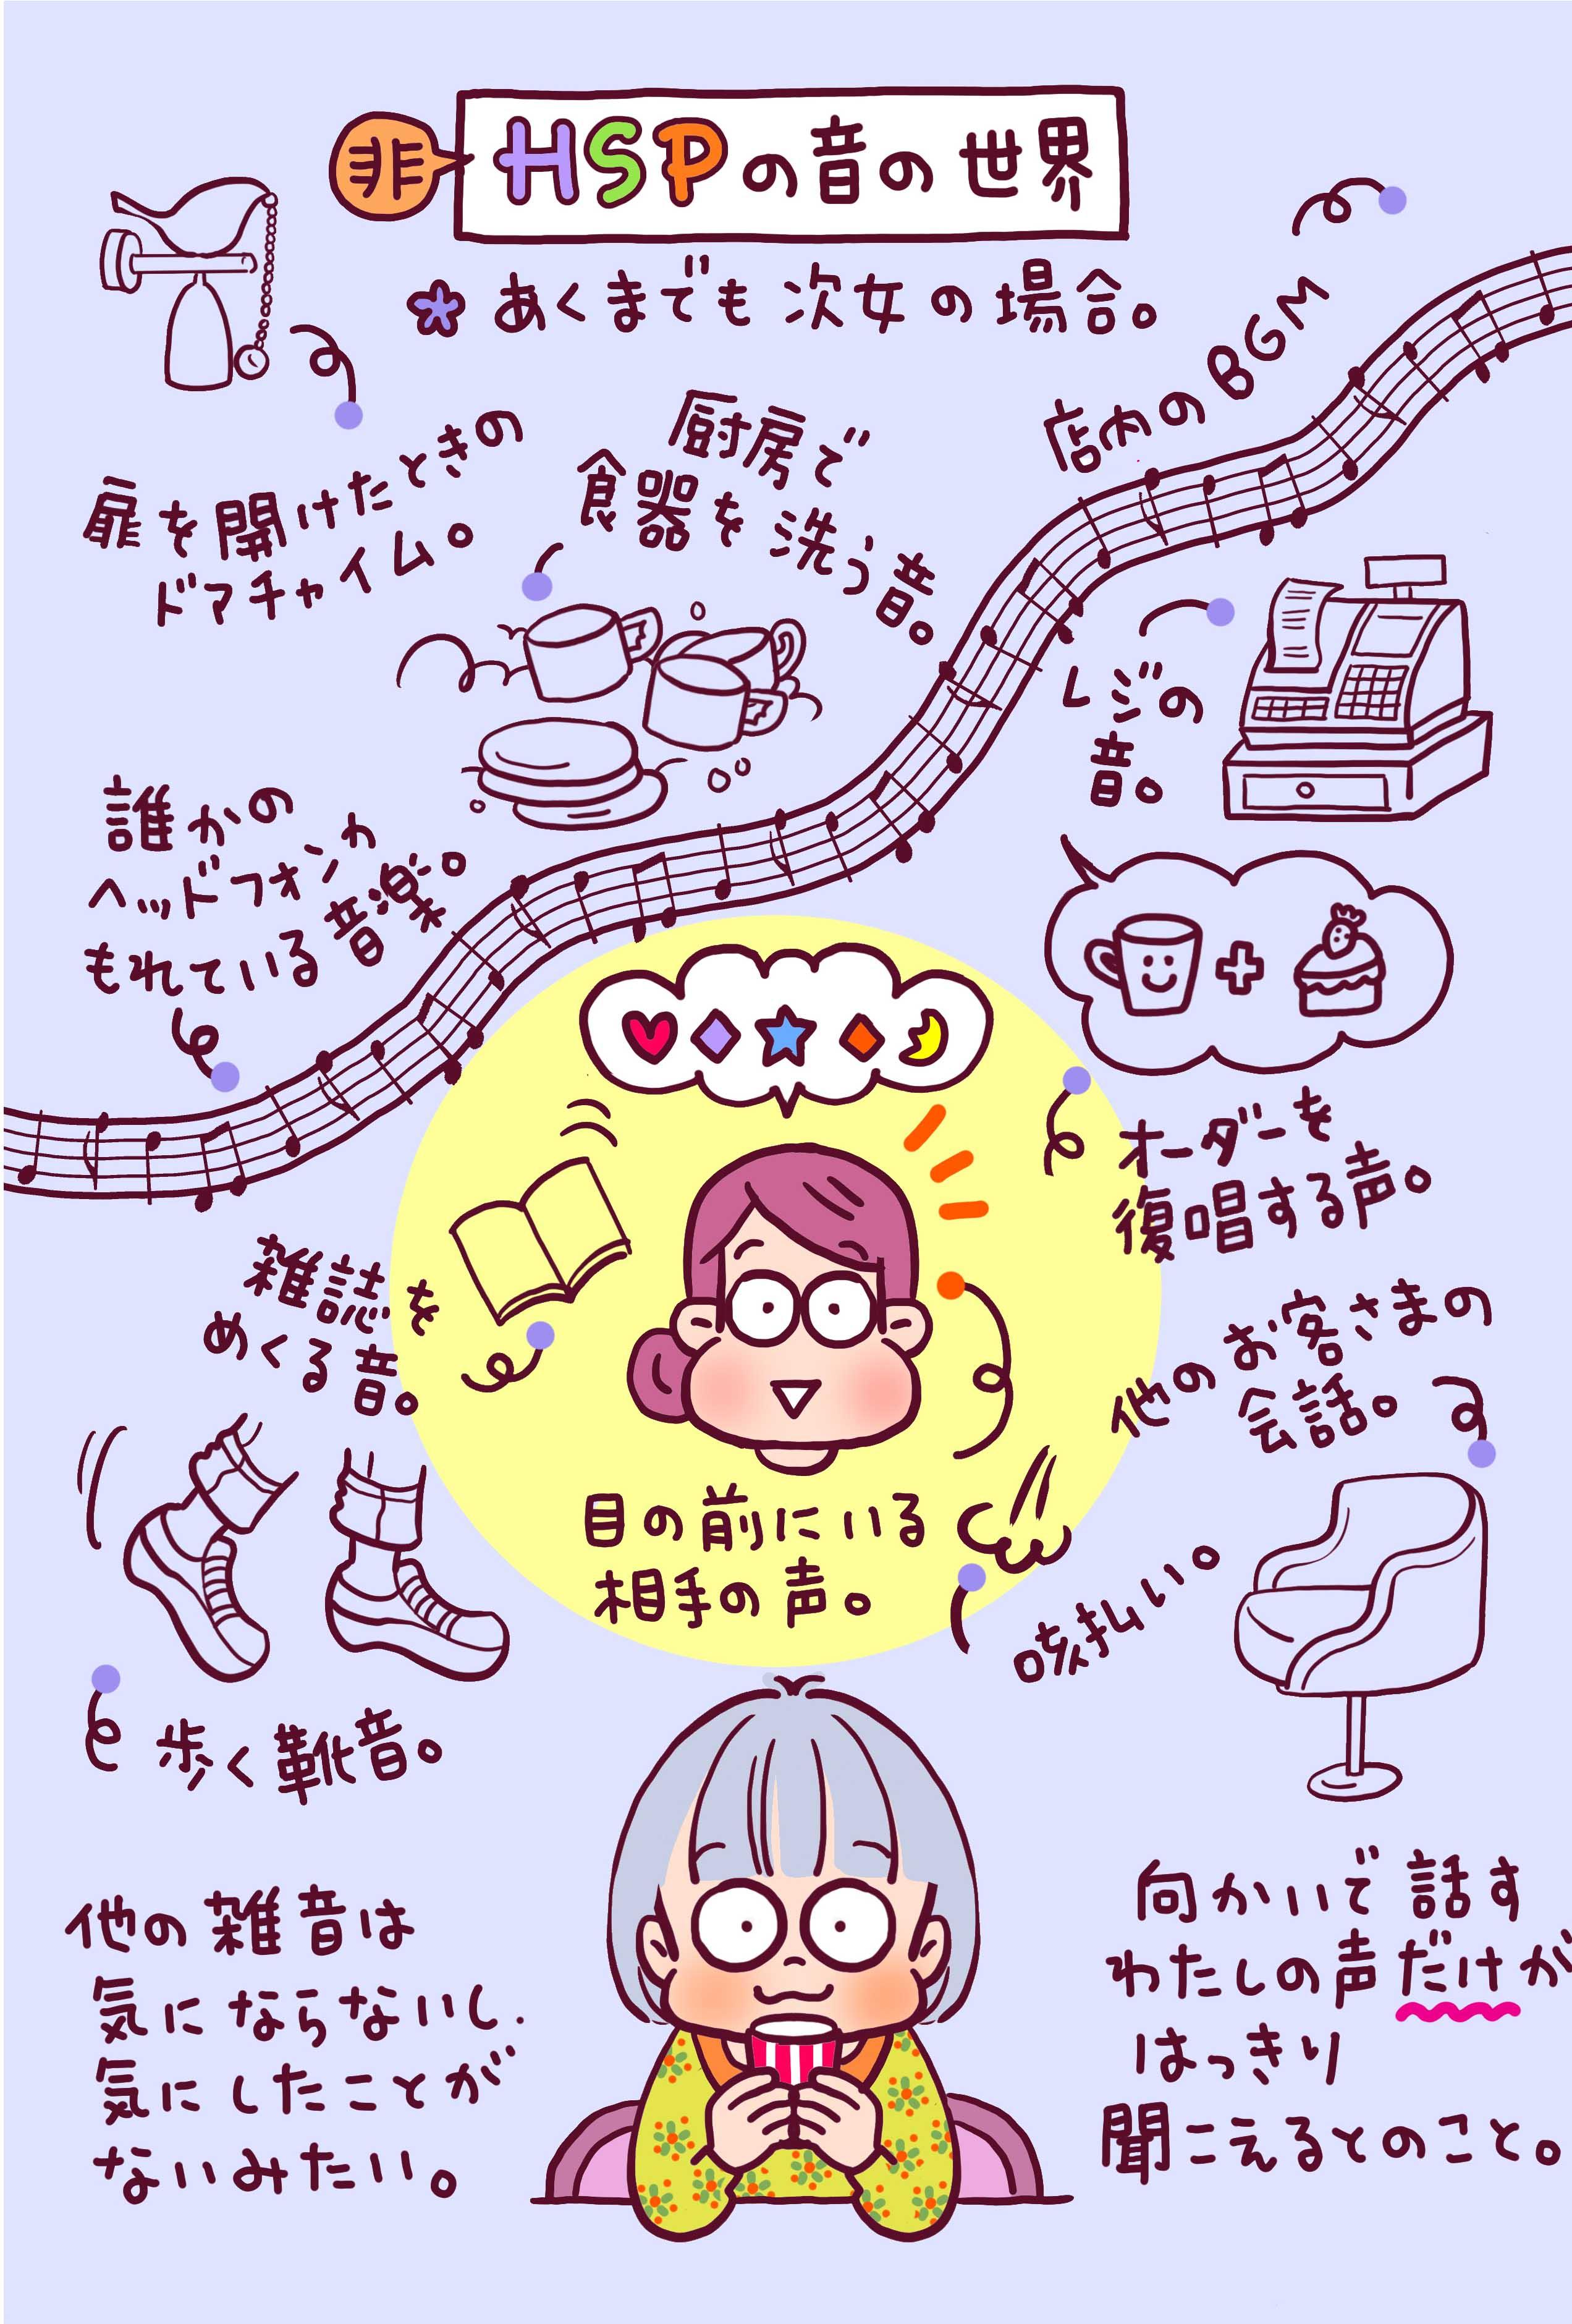 HSPマンガ(高野優)